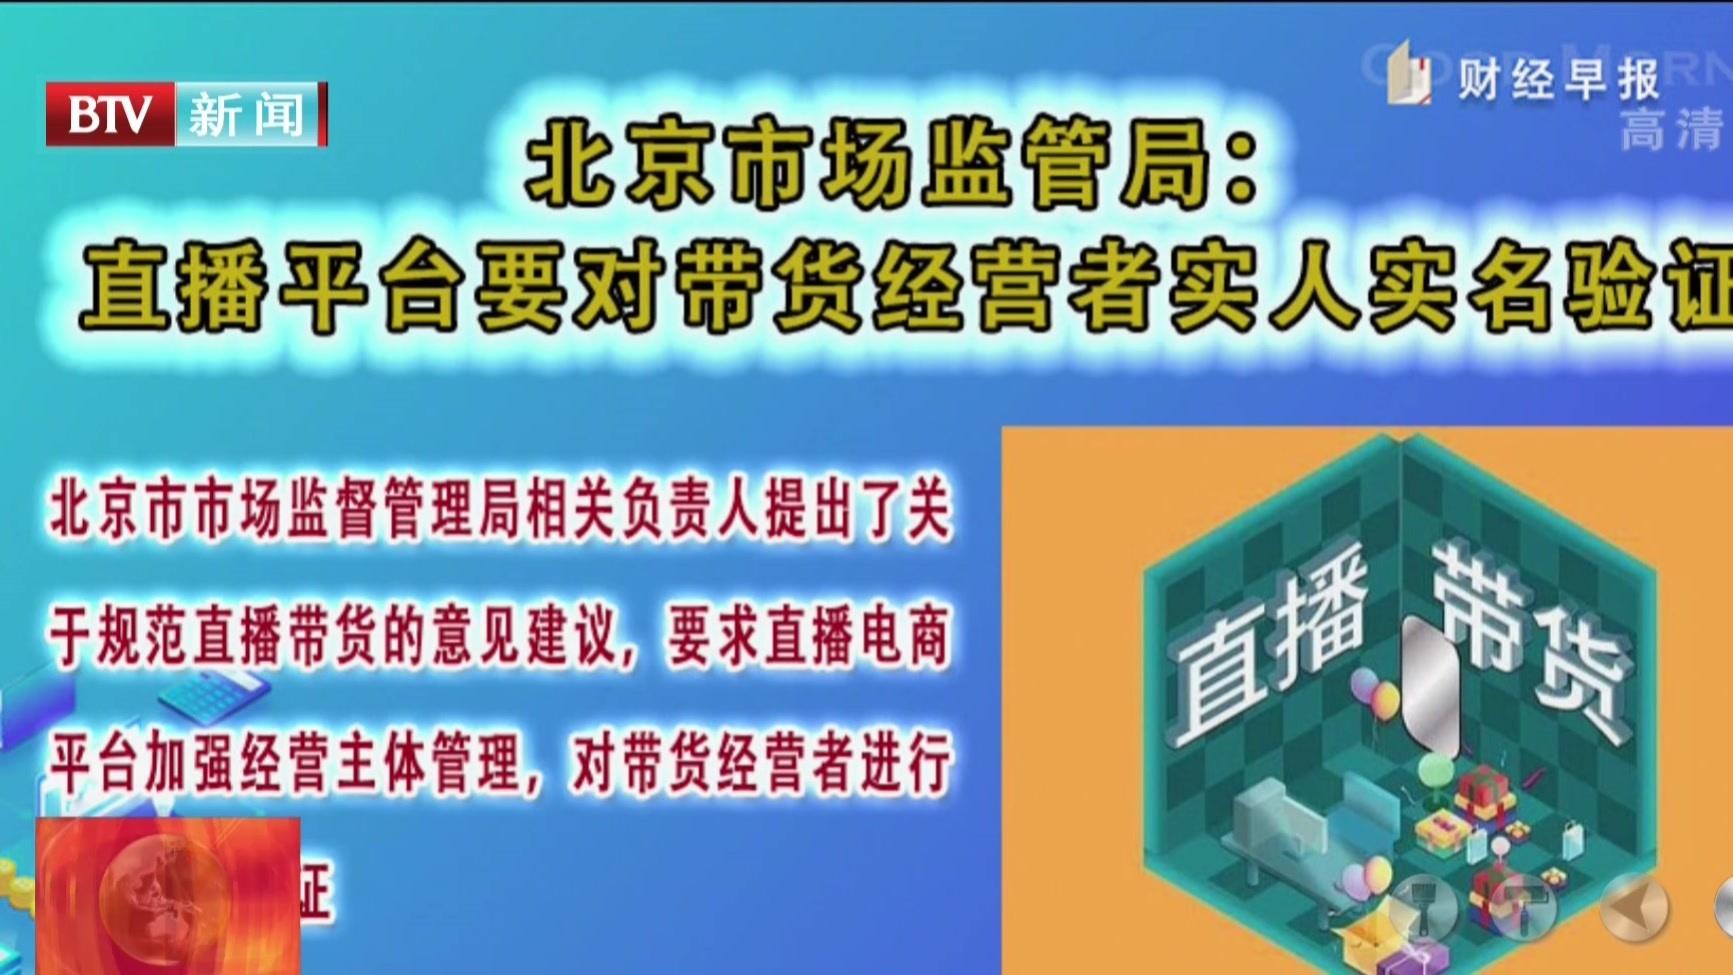 北京市场监管局:直播平台要对带货经营者实人实名验证